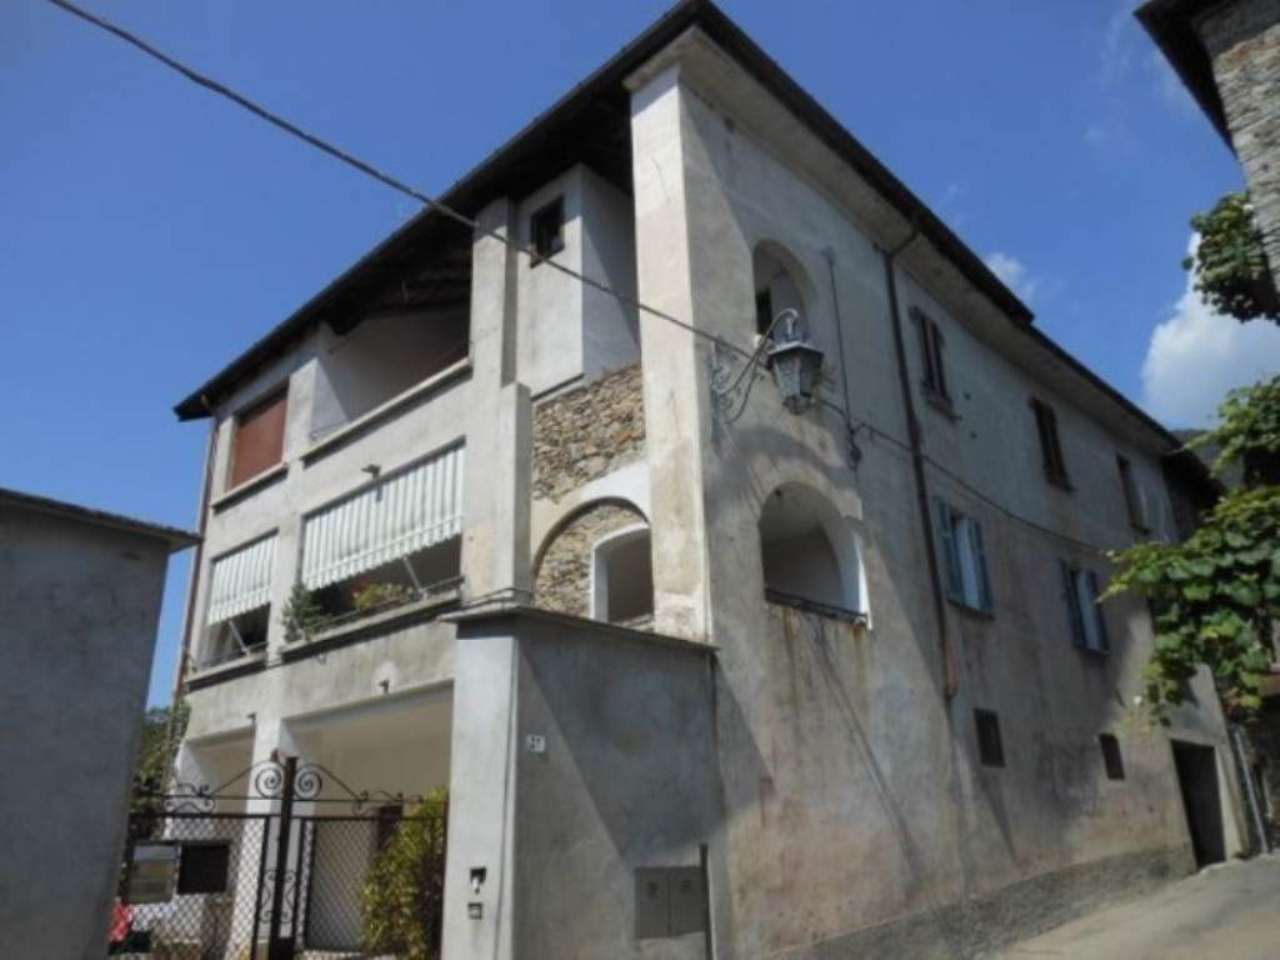 Appartamento in vendita a Dumenza, 3 locali, prezzo € 79.000 | CambioCasa.it